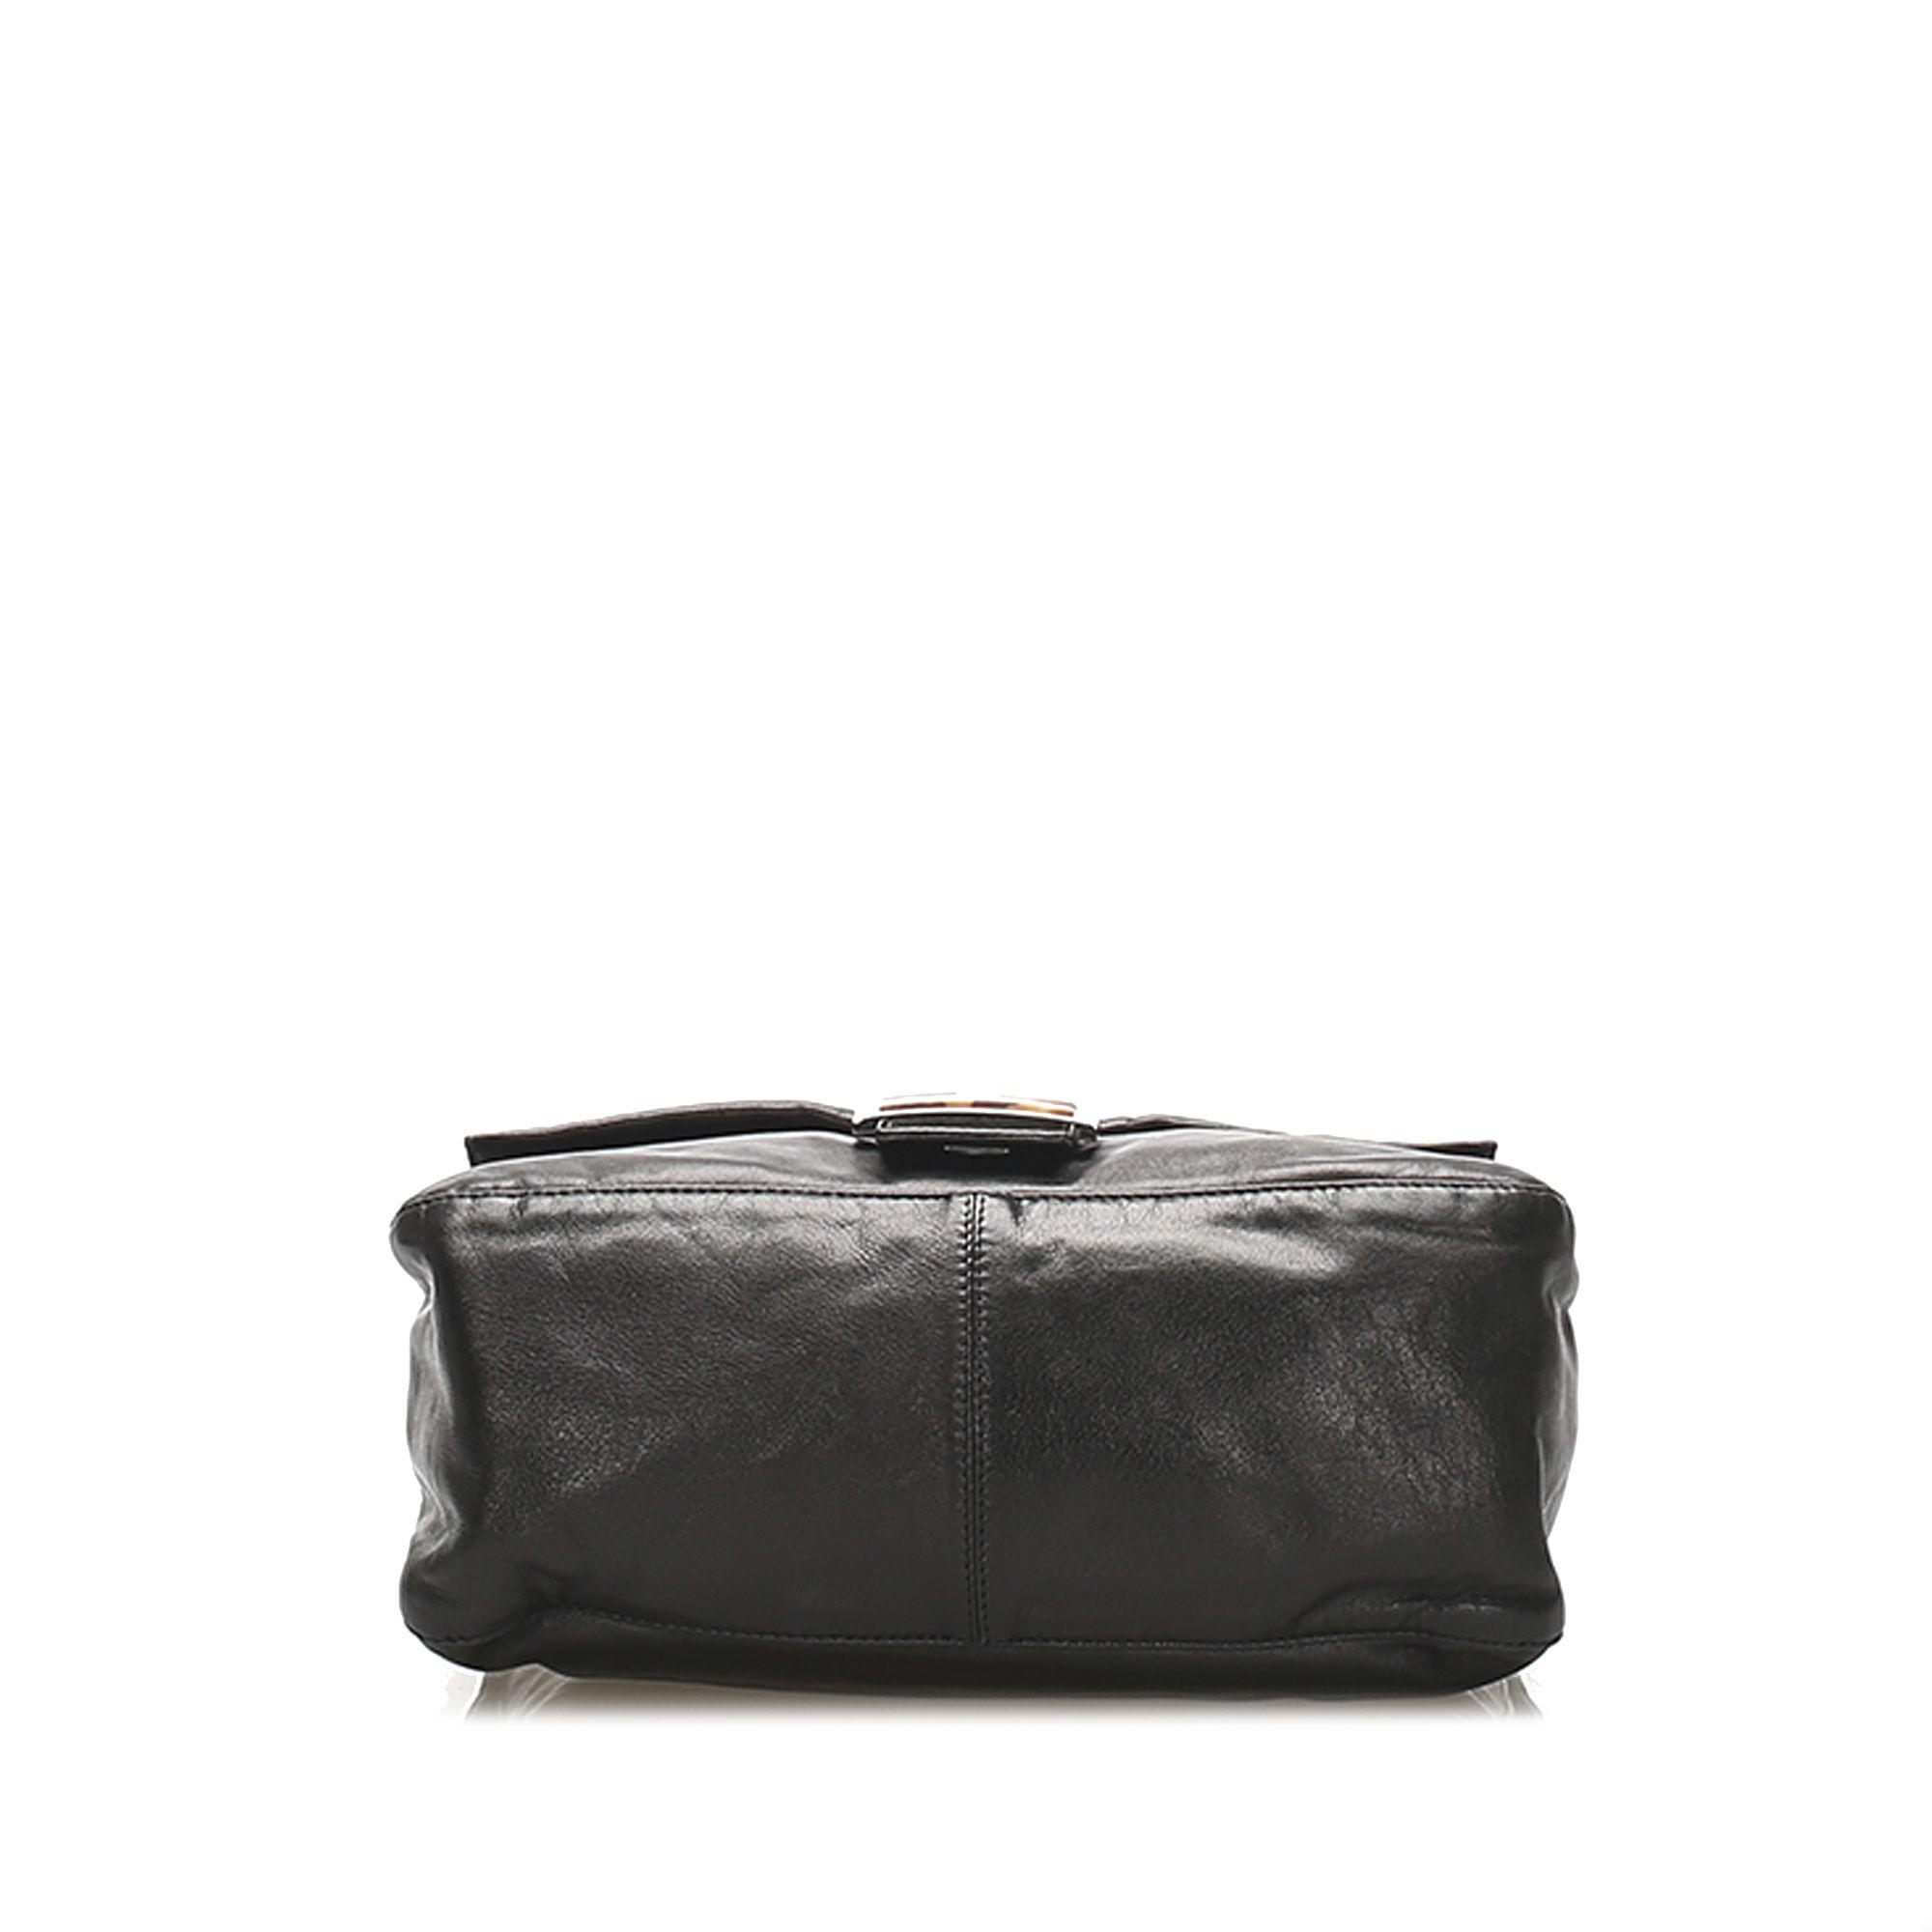 Vintage Fendi Mamma Forever Leather Baguette Bag Black